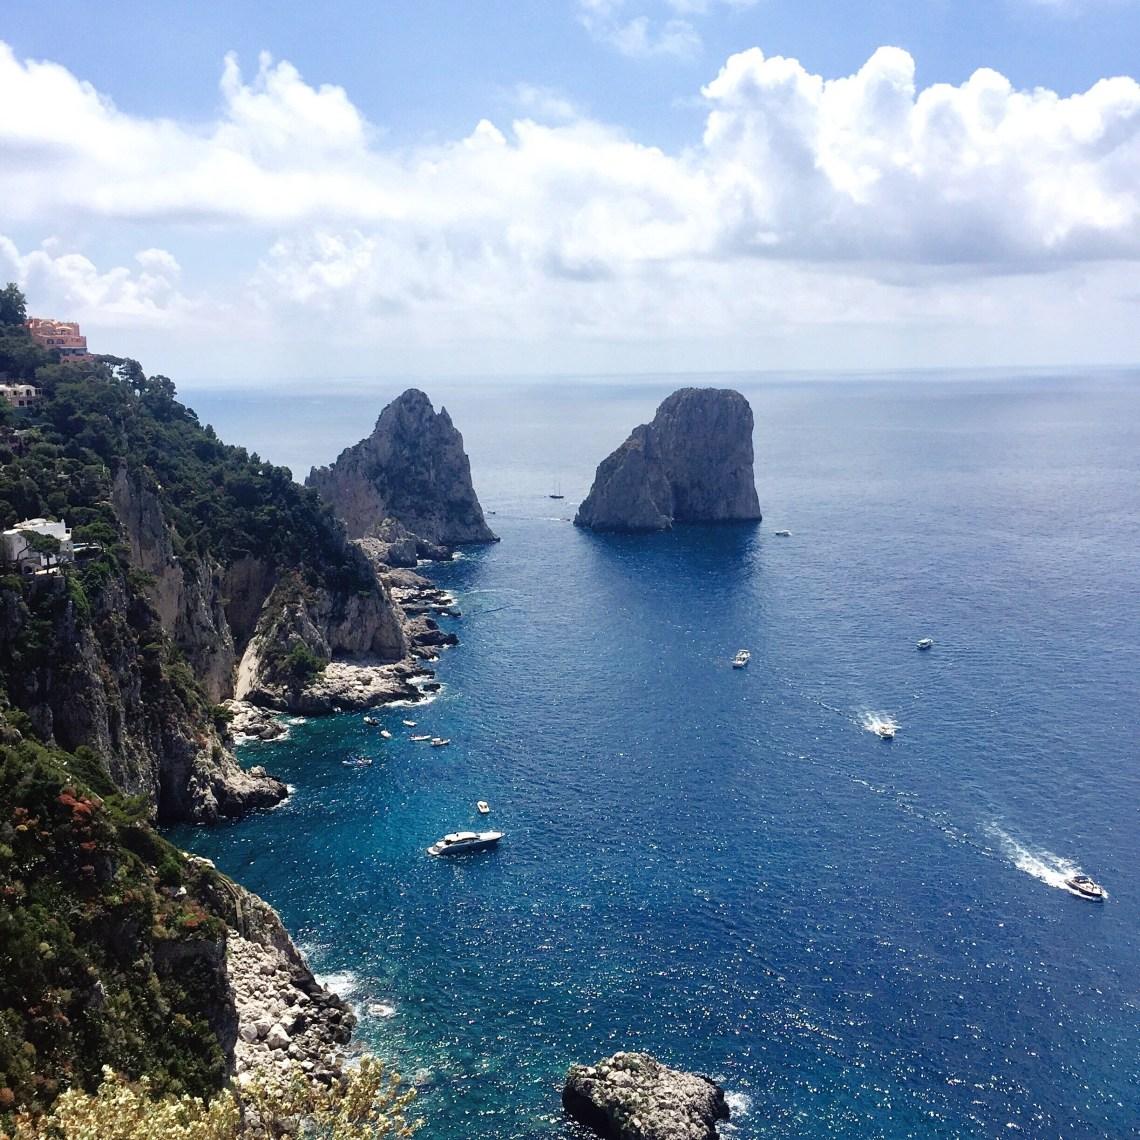 Capri in June